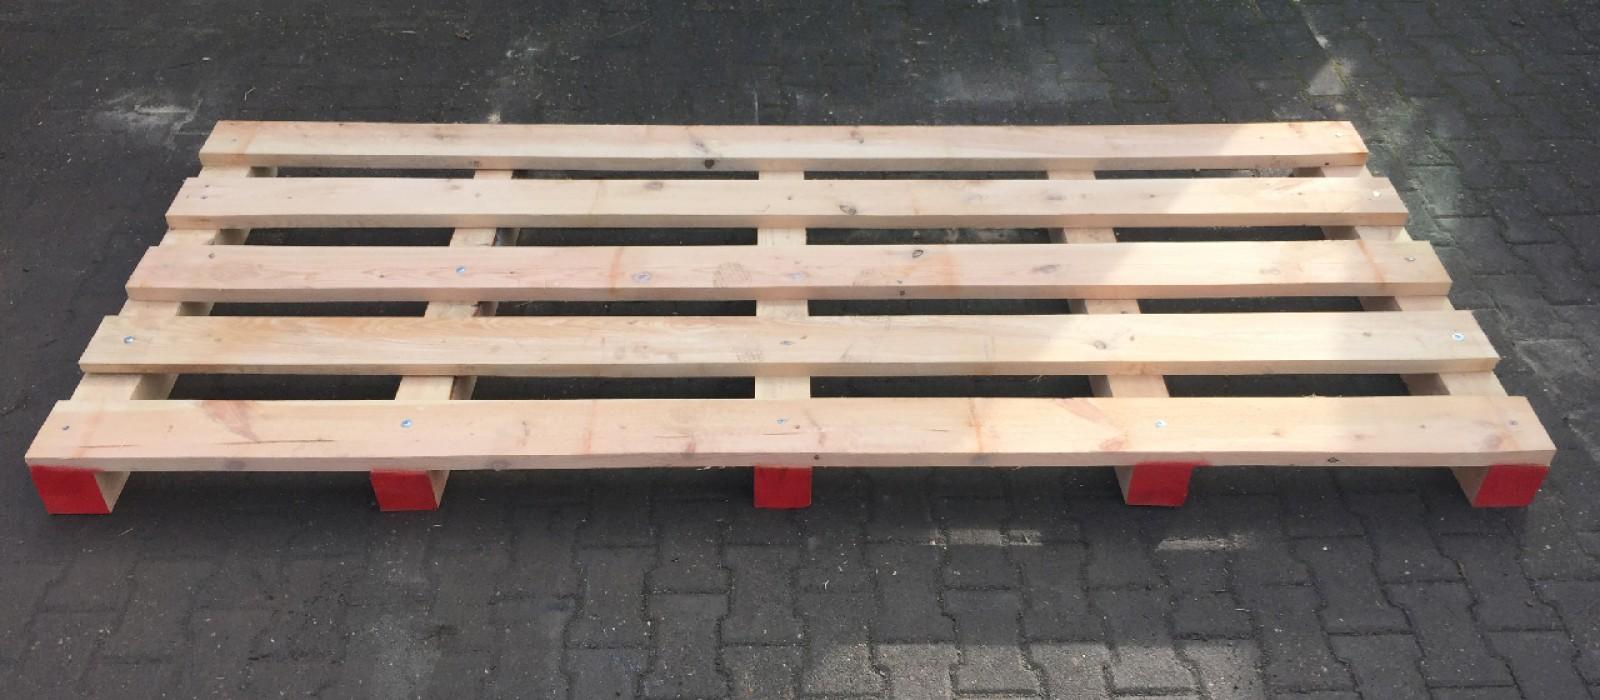 Einwegpalette-in-Variante-mit-5-Deckbrettern